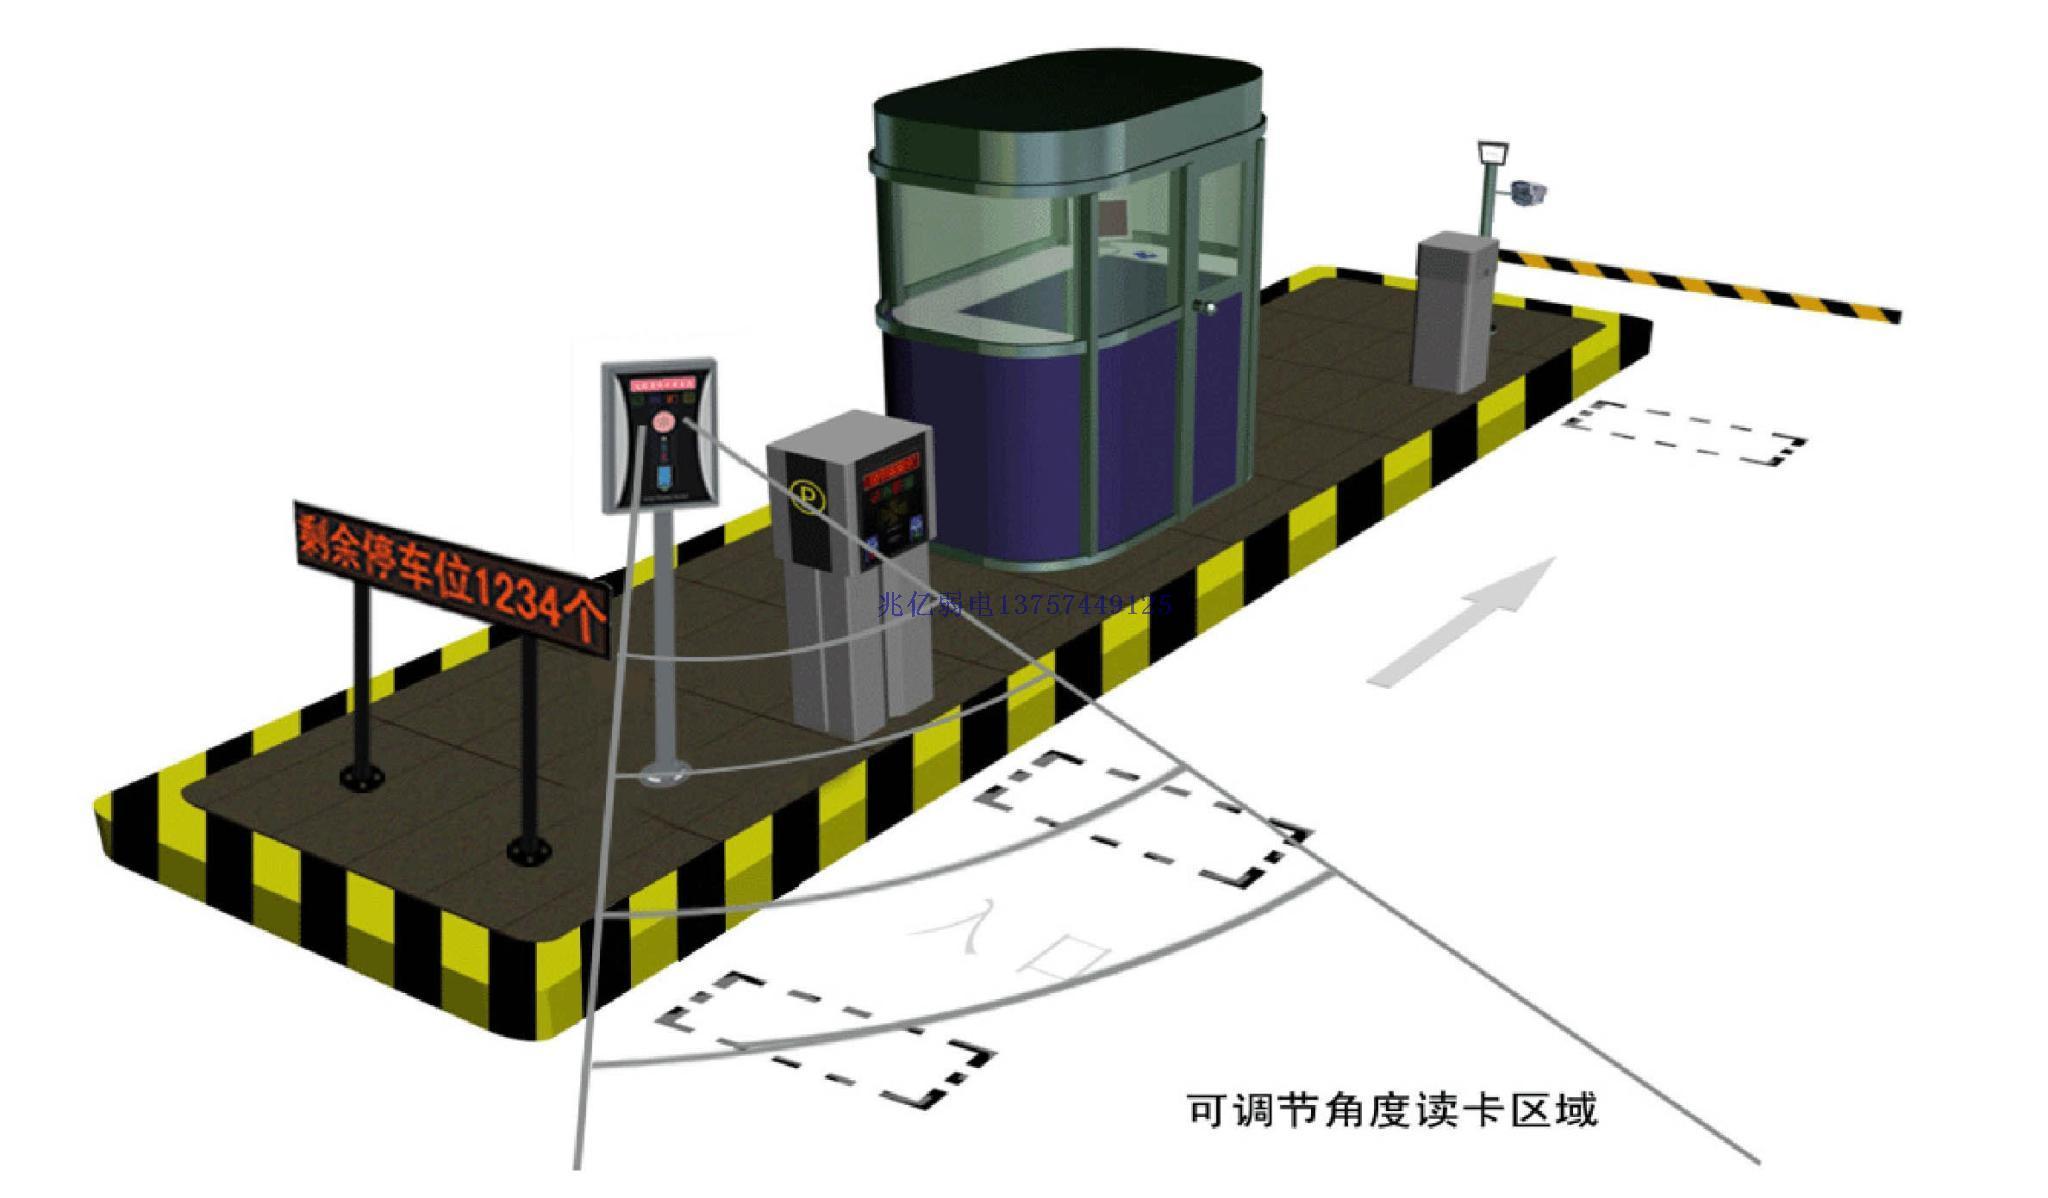 电脑可以实时检测道闸开启状态,并可以进行自检,在jst2100智能停车场